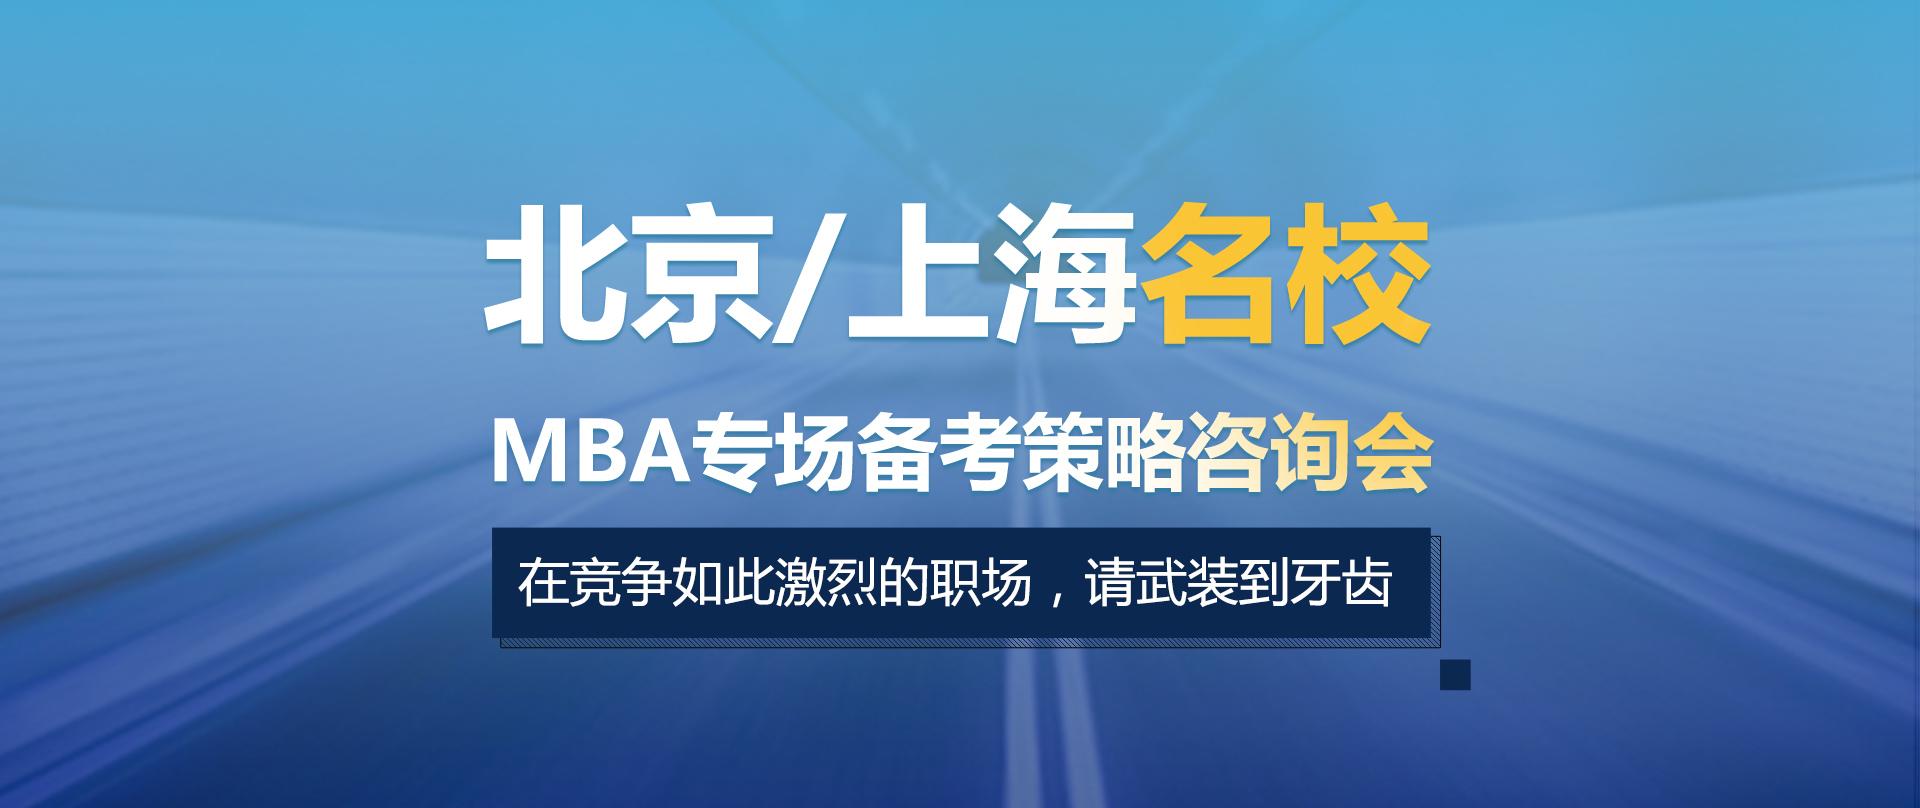 郑州泰祺MBA-提前面试